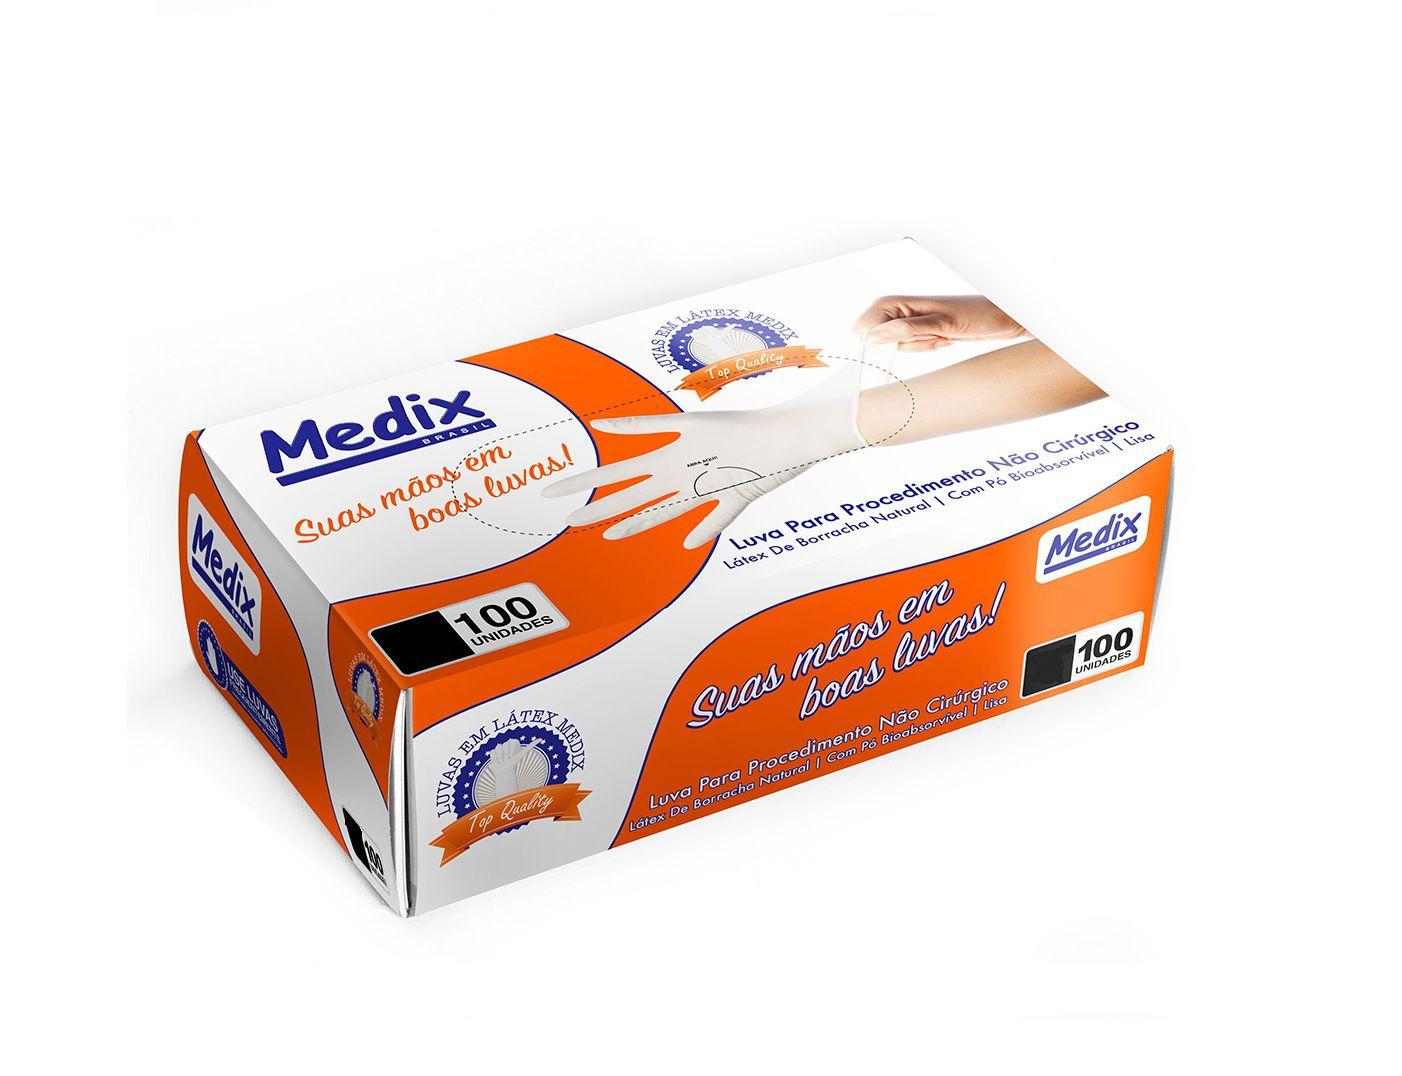 Luva de Procedimento Látex Tamanho G Caixa c/ 10 Cartuchos - MEDIX